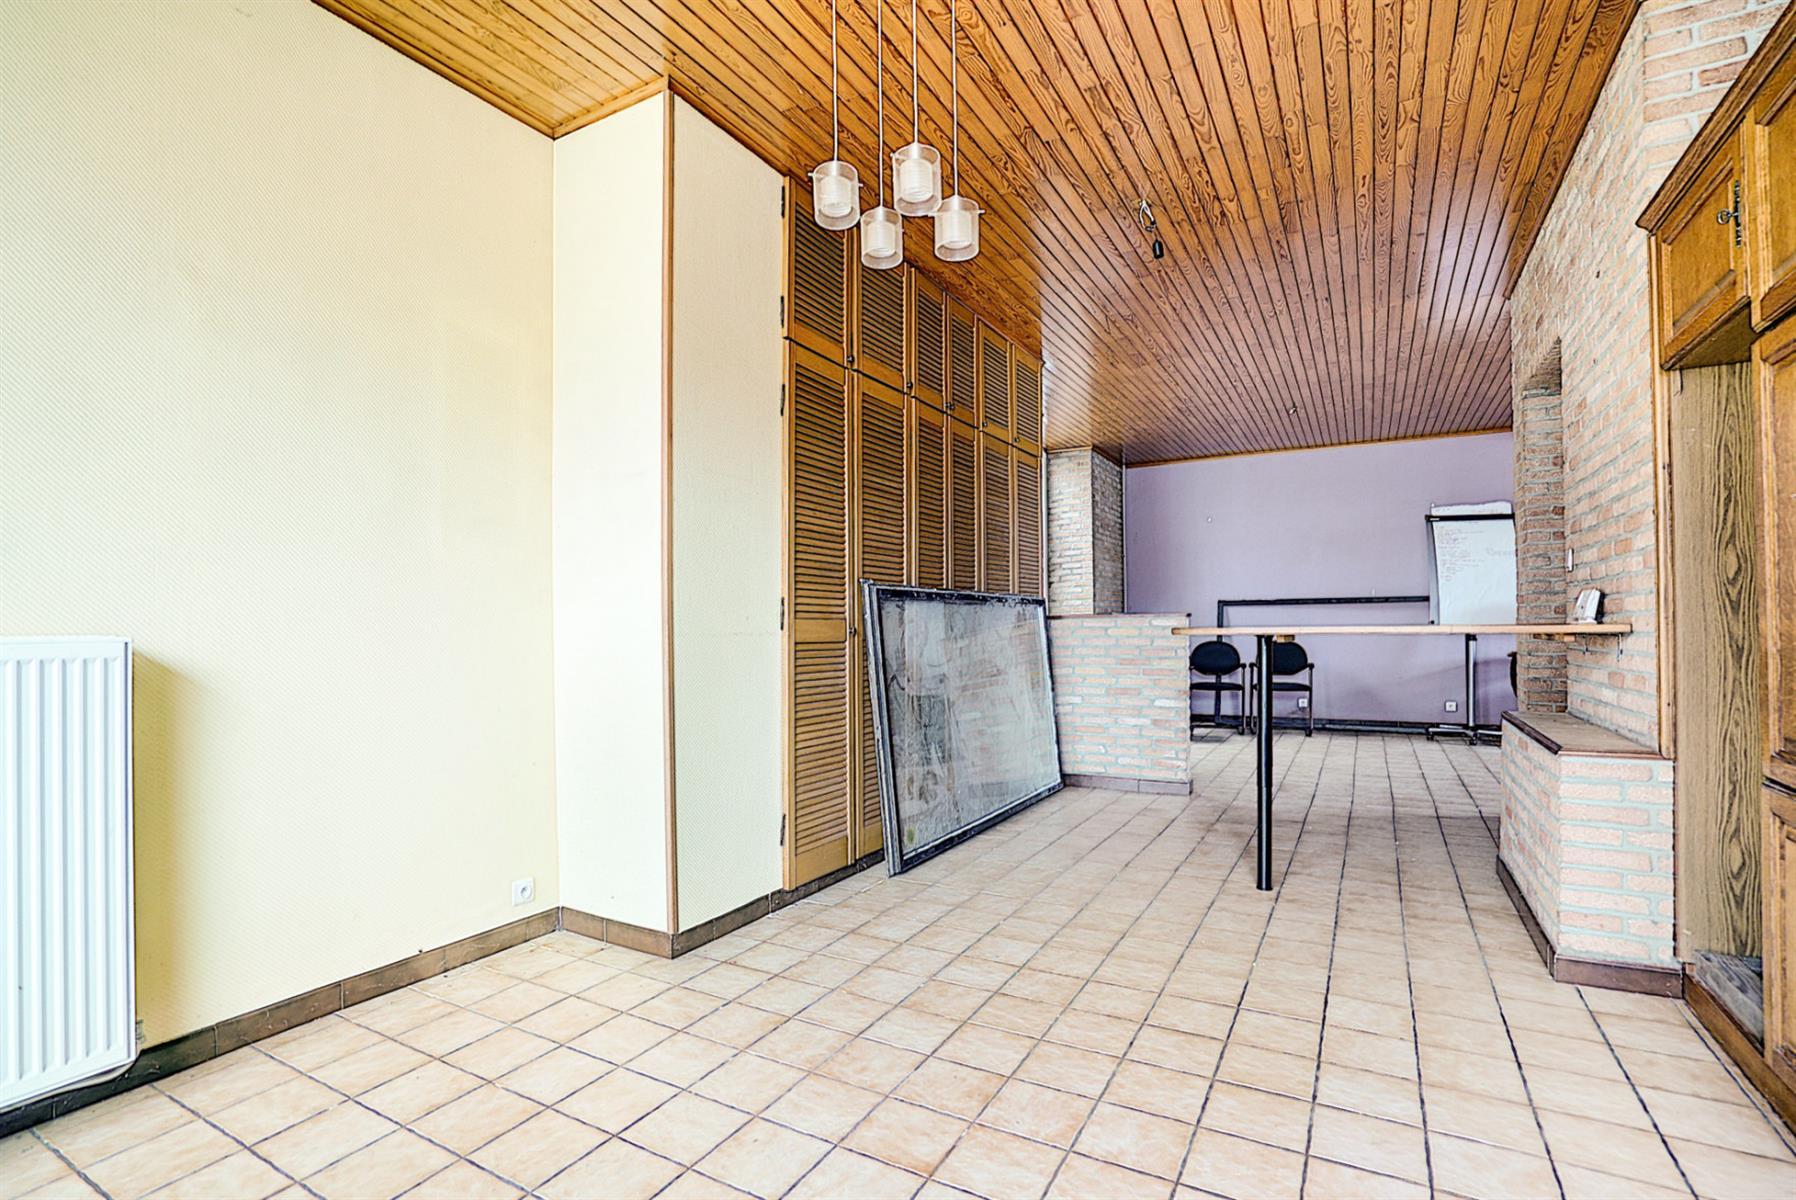 Maison - Villers-la-Ville - #3848321-14